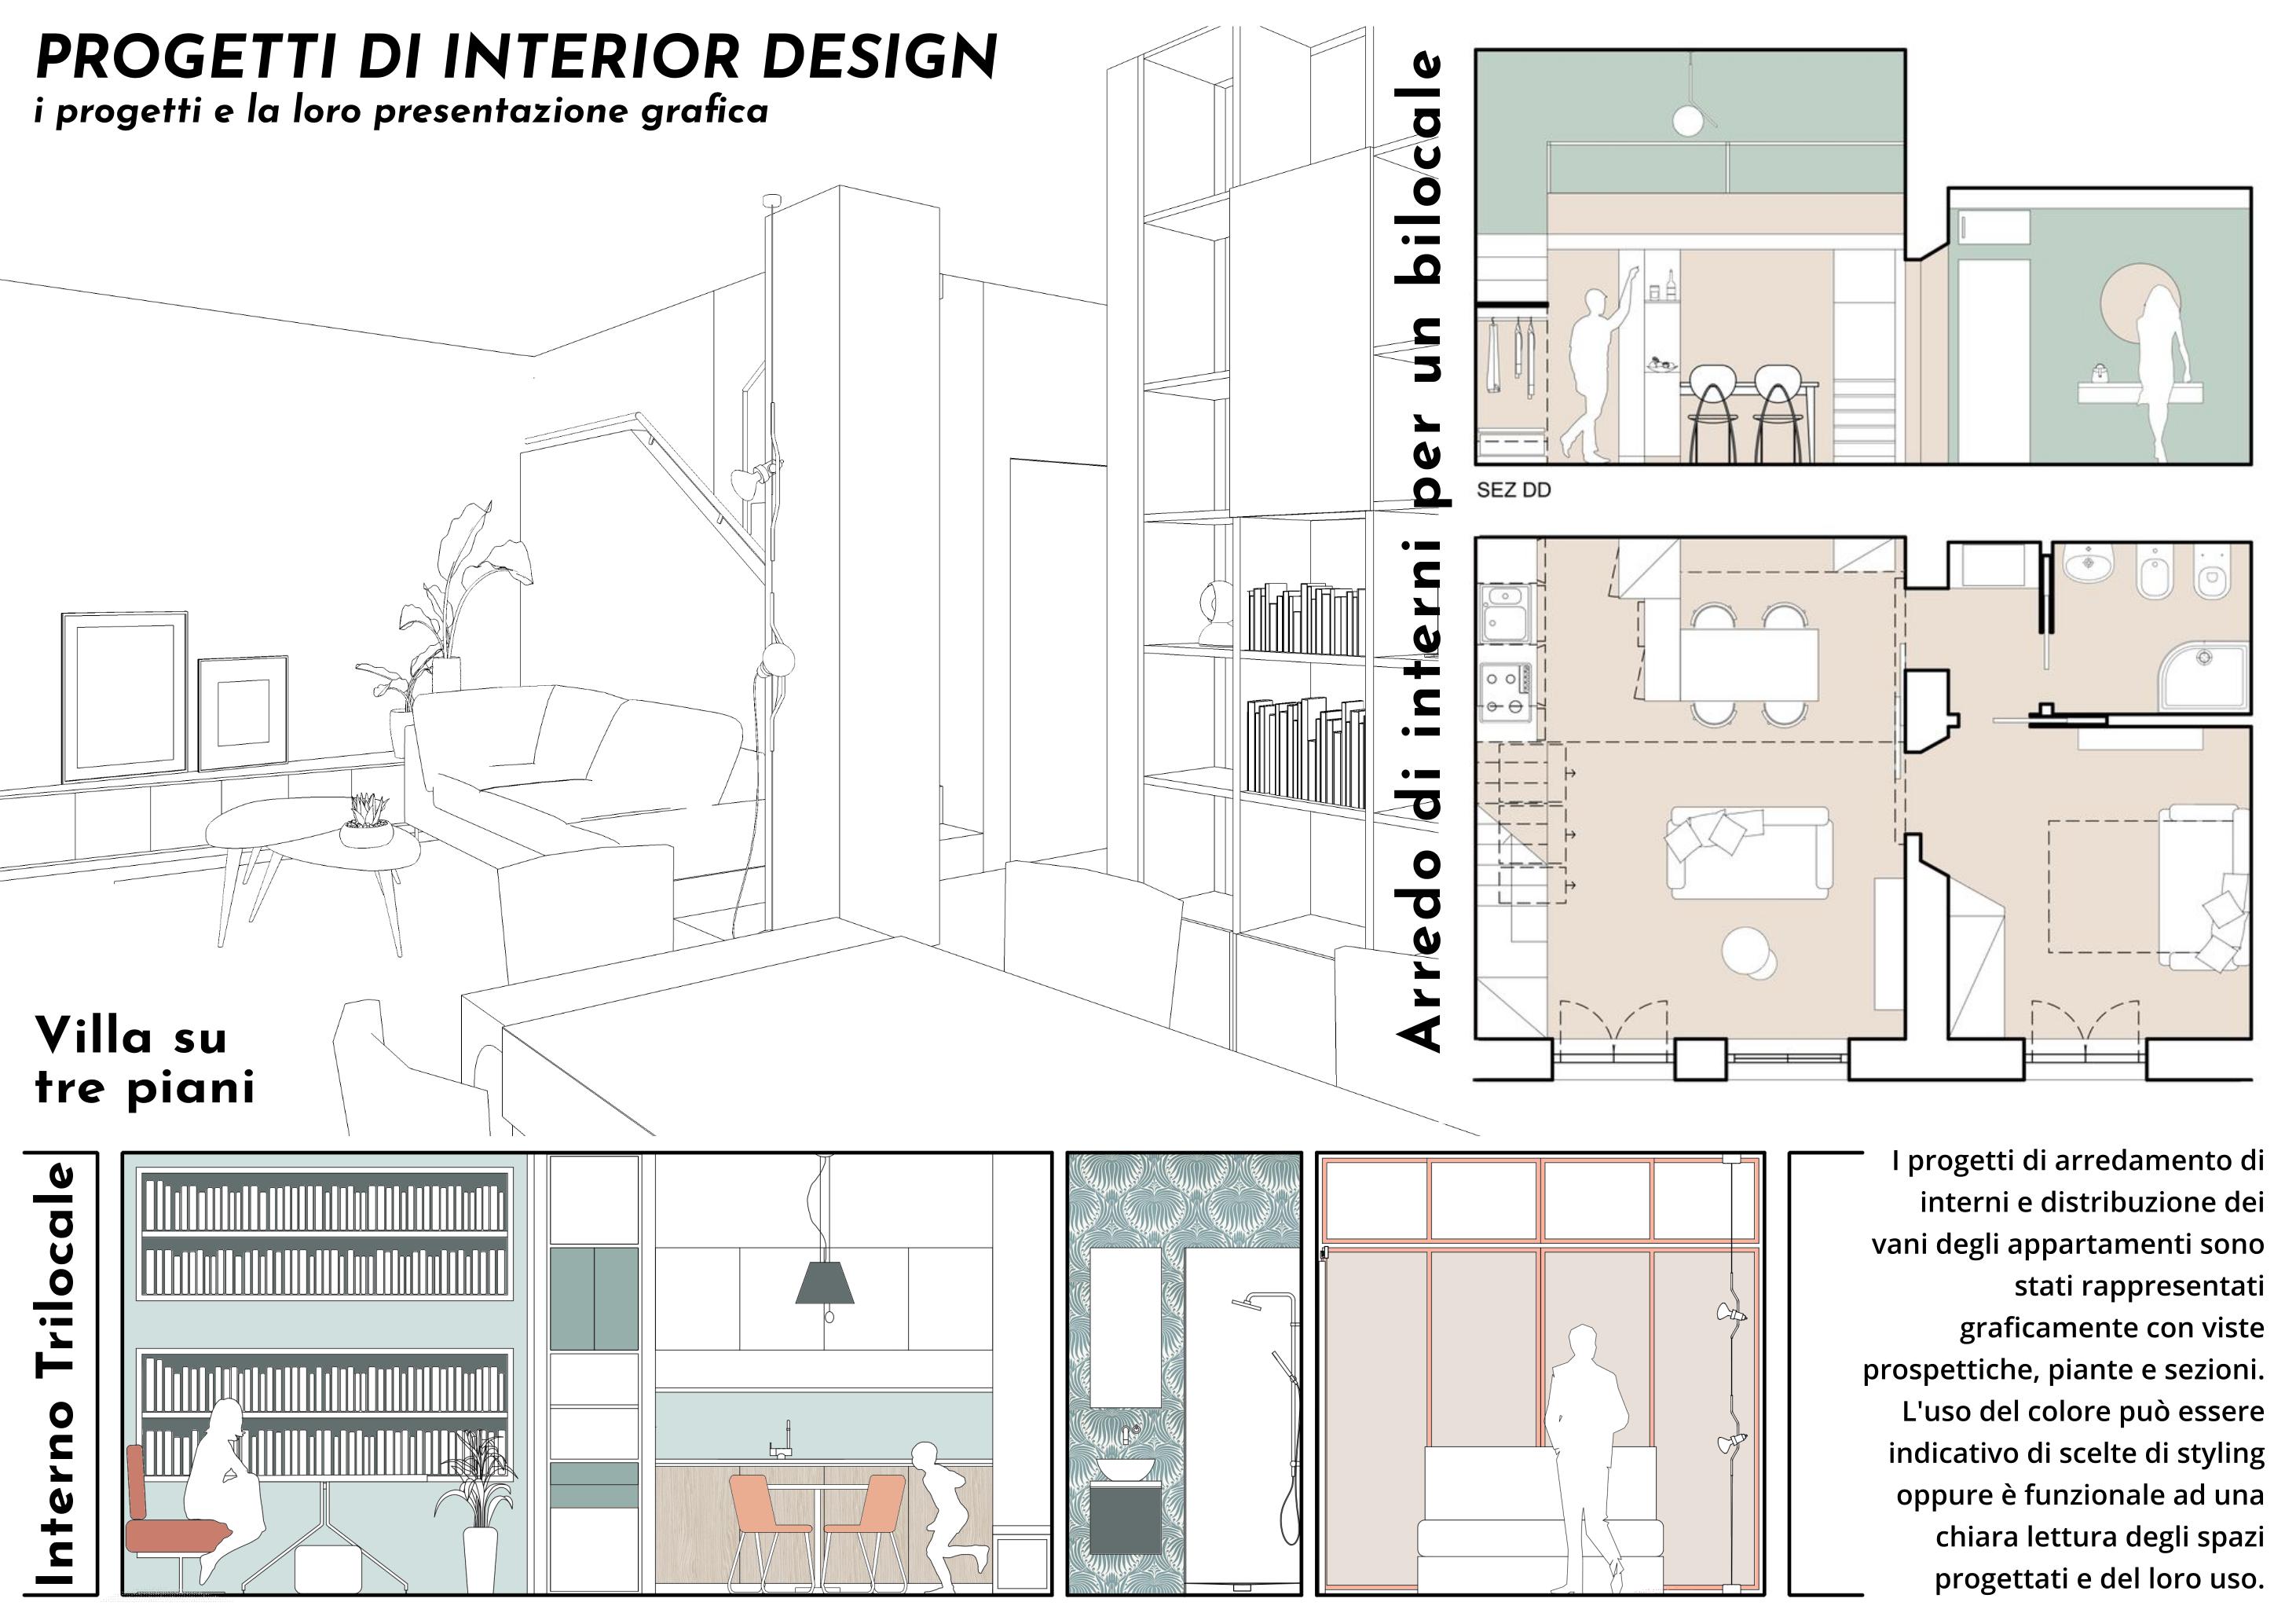 Interior Design Layout Di Progettazione Design Del Prodotto Progettazione Di Interni